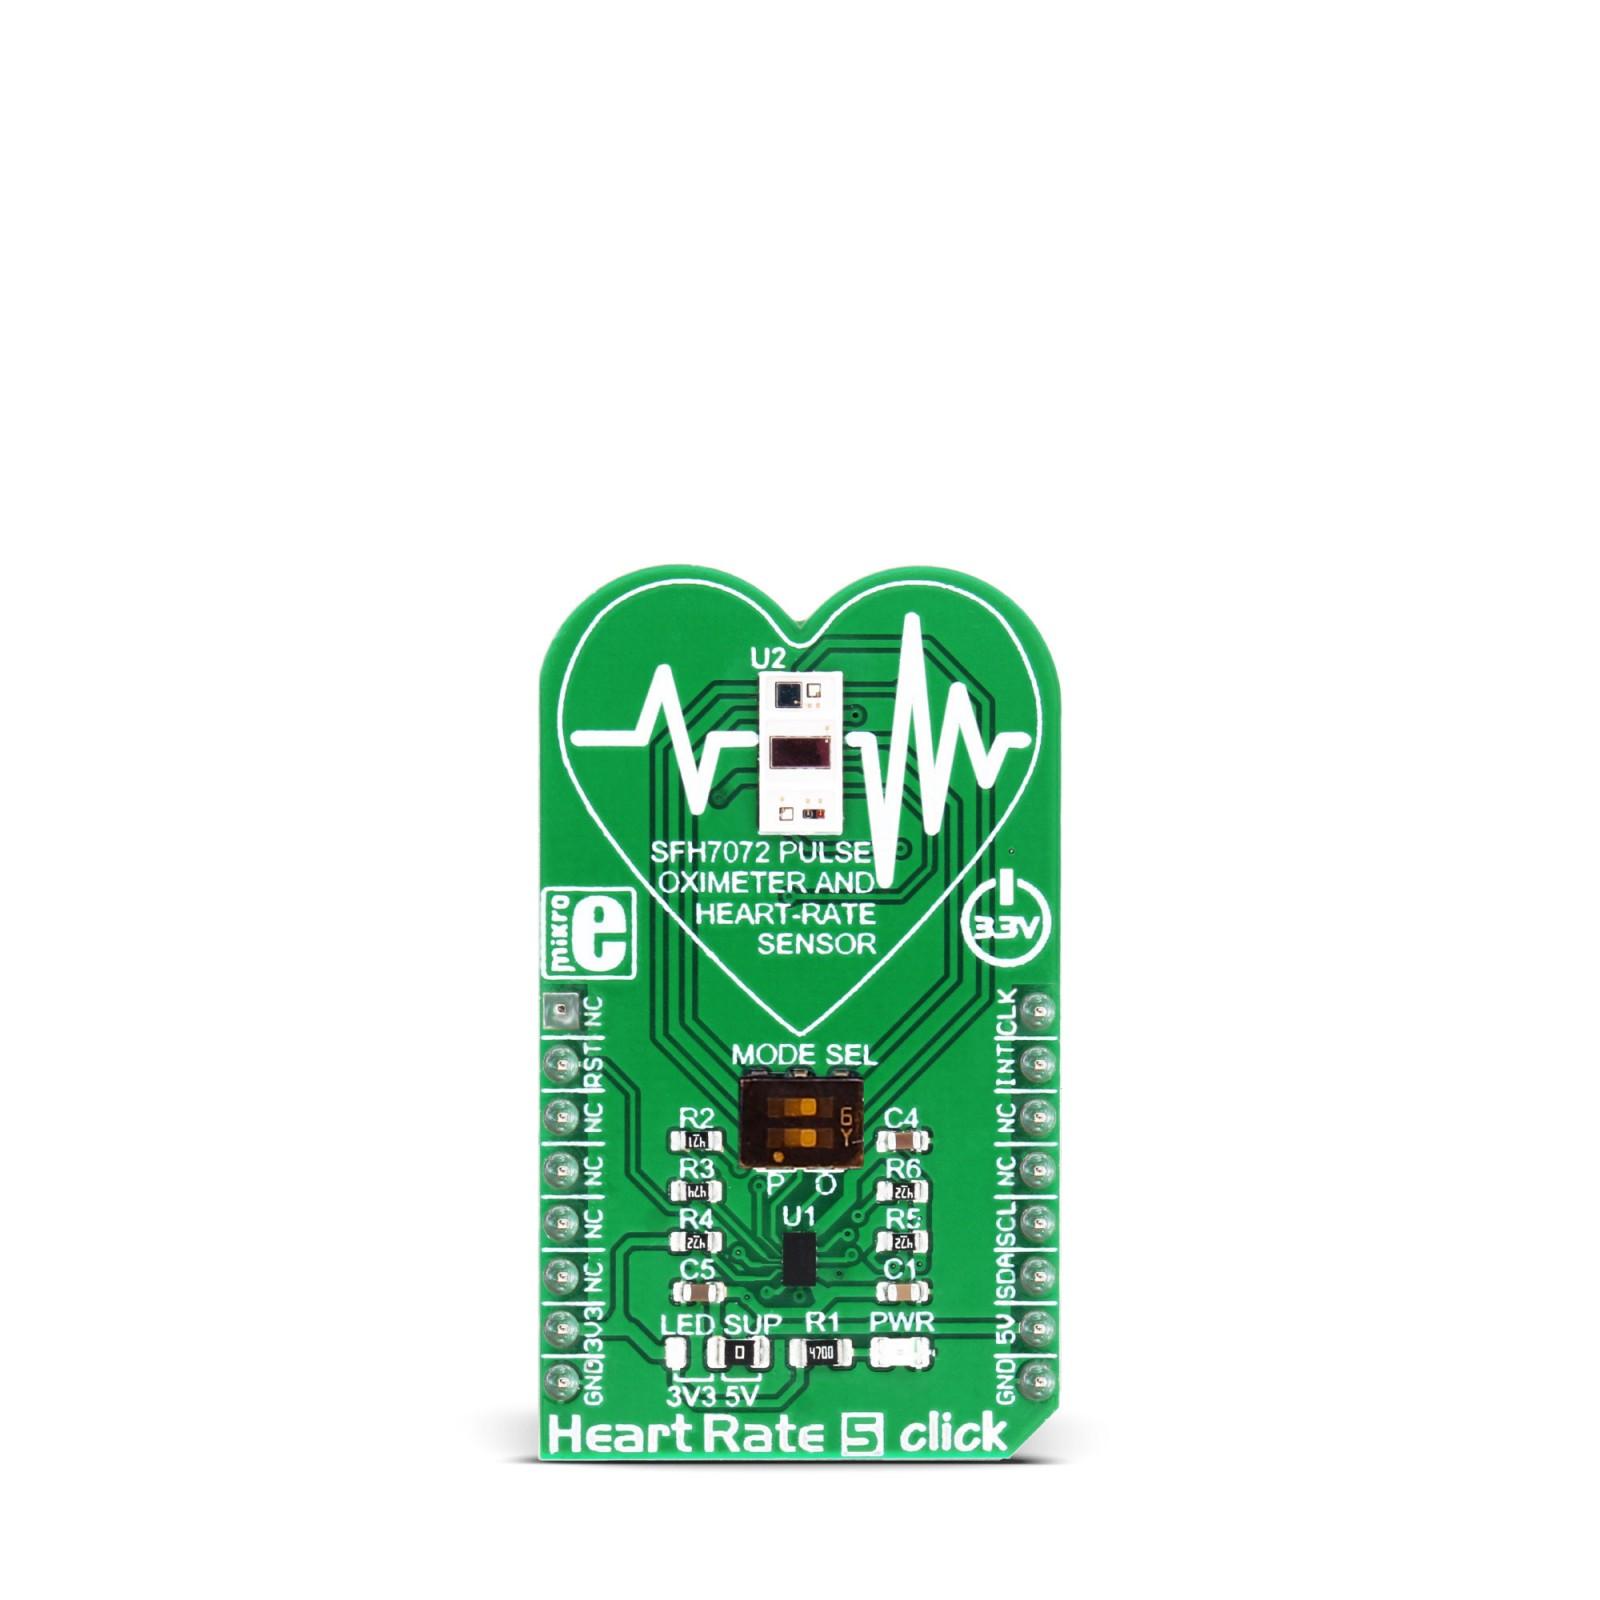 Heart Rate 5 Click Mikroelektronika Sensor Circuit Explanation From A Site Mgctlbxnmzp Mgctlbxv5112 Mgctlbxlc Mgctlbxpprestashop